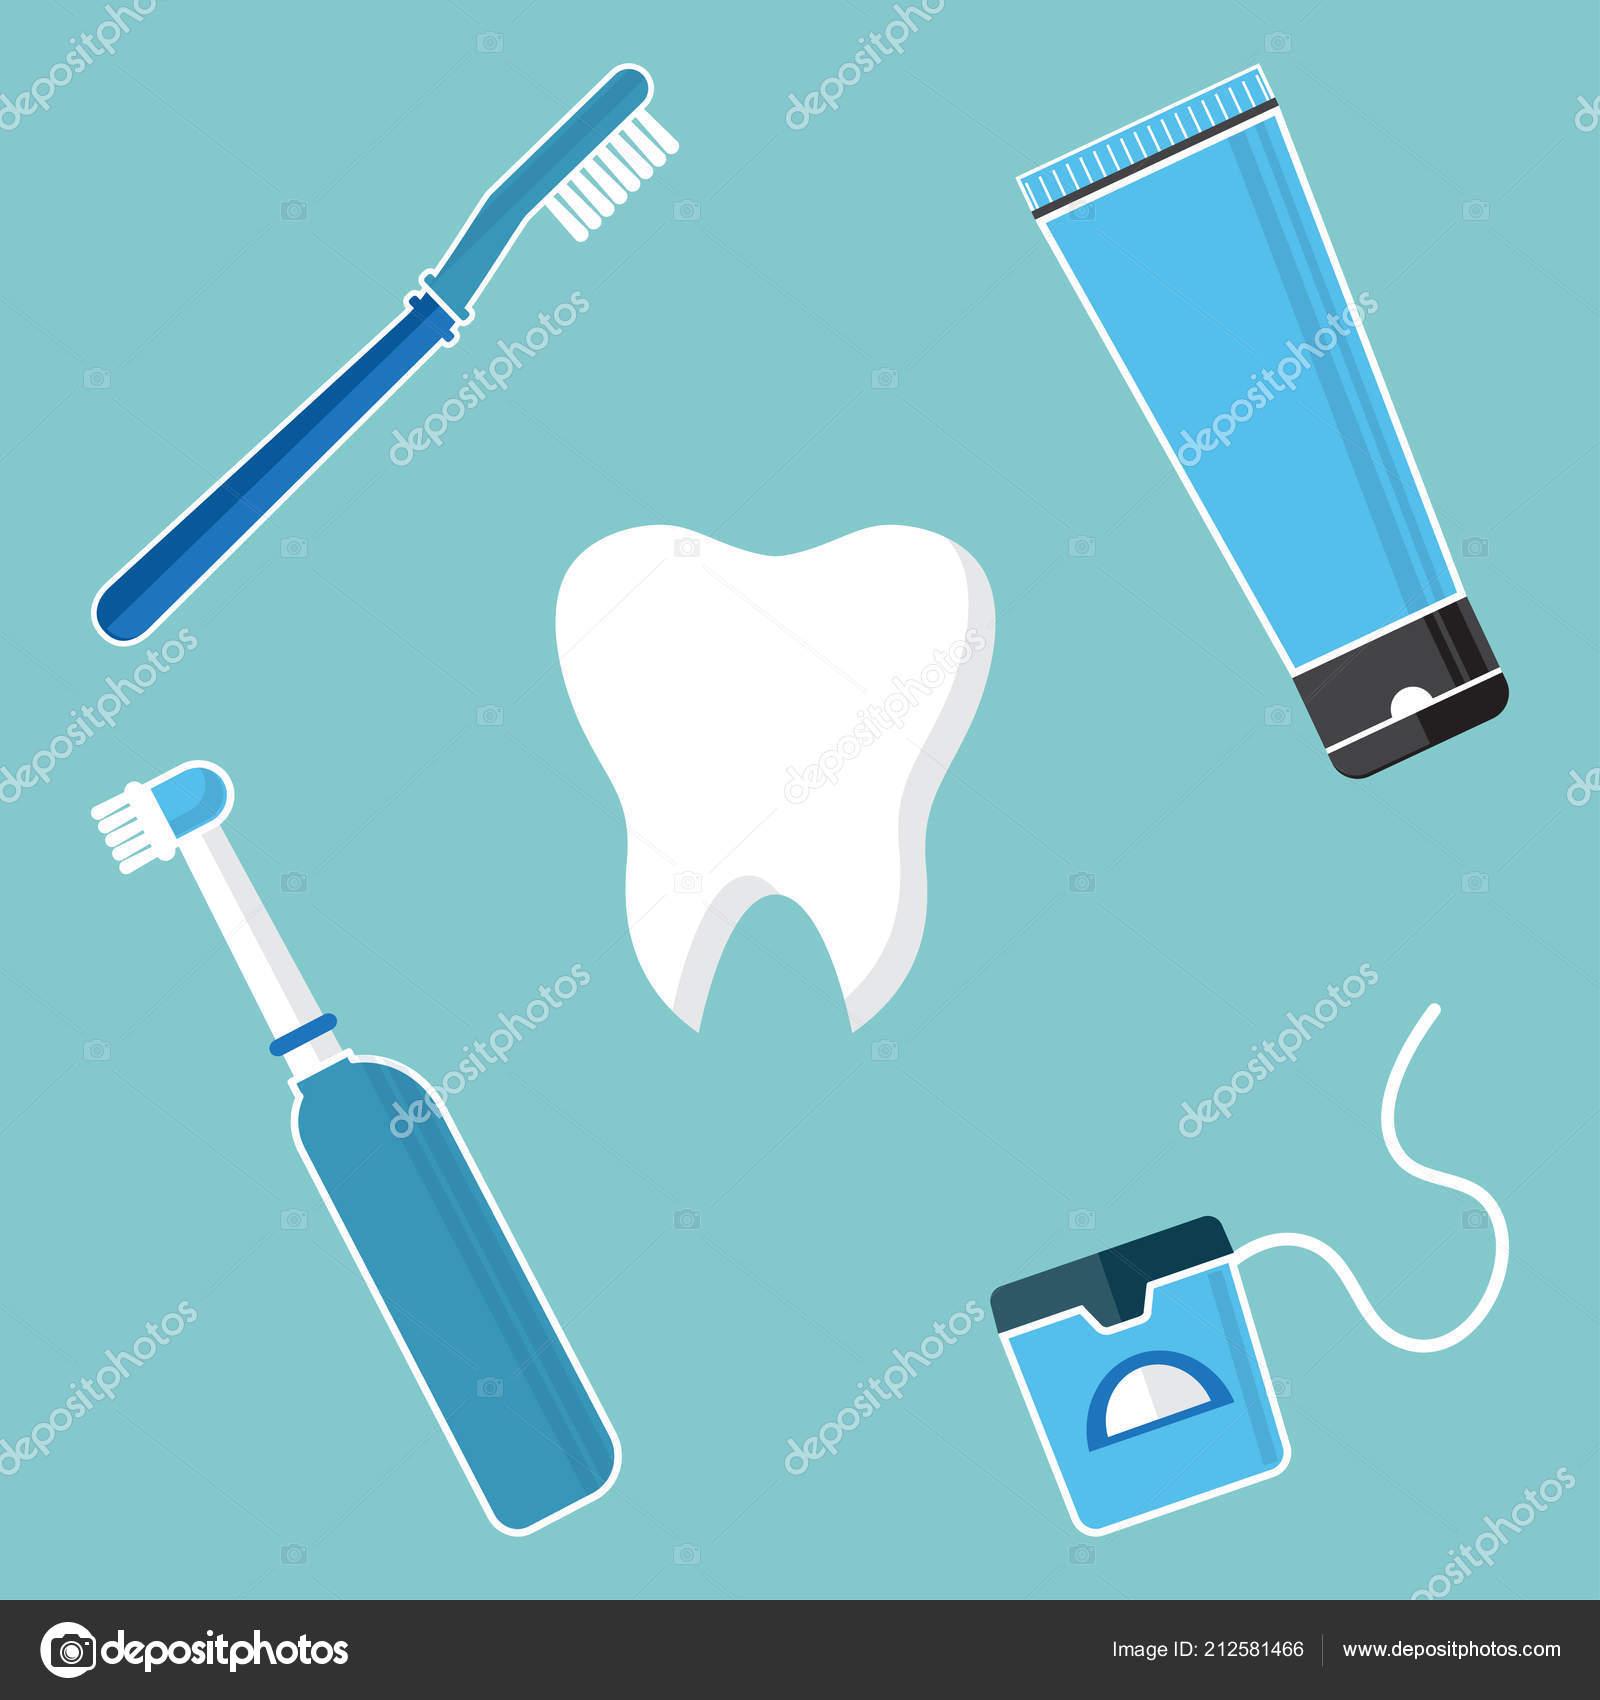 1dfedd389 Higiene Oral Higiene Escovar Dentes Conjunto Ferramentas Limpeza Dentais  Dente — Vetores de Stock